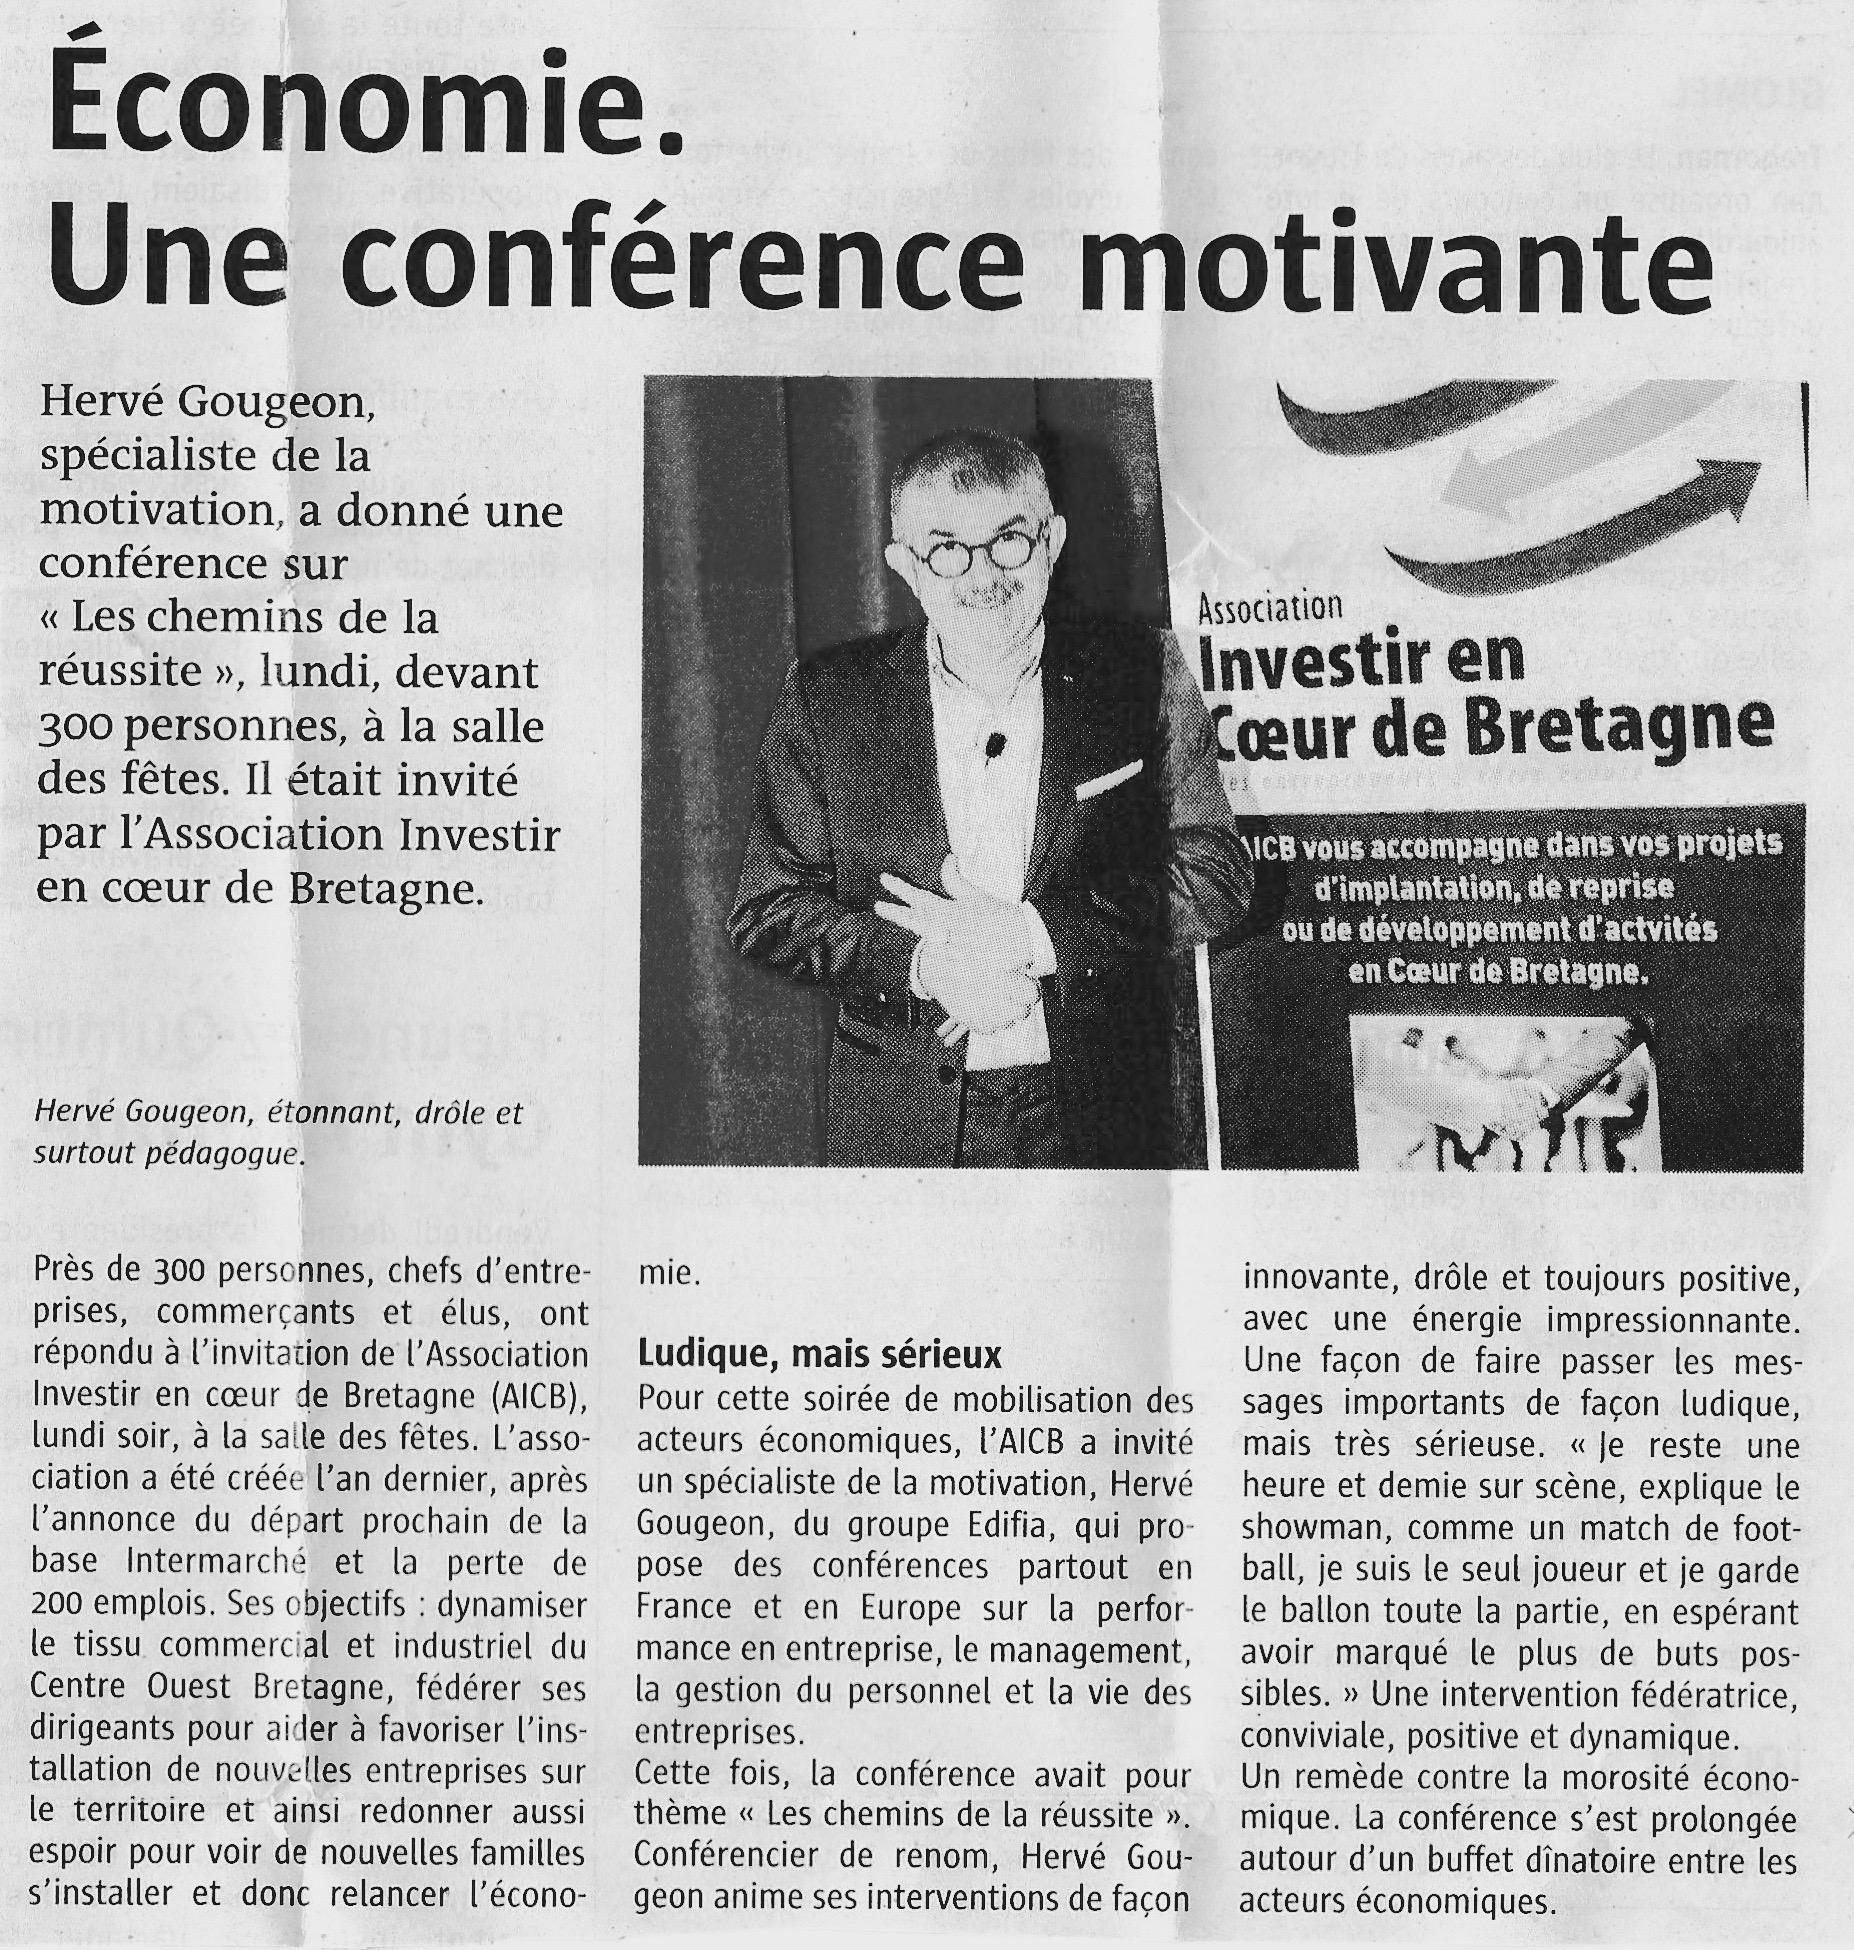 Communiqué de Presse - Conférence motivante - Le télégramme